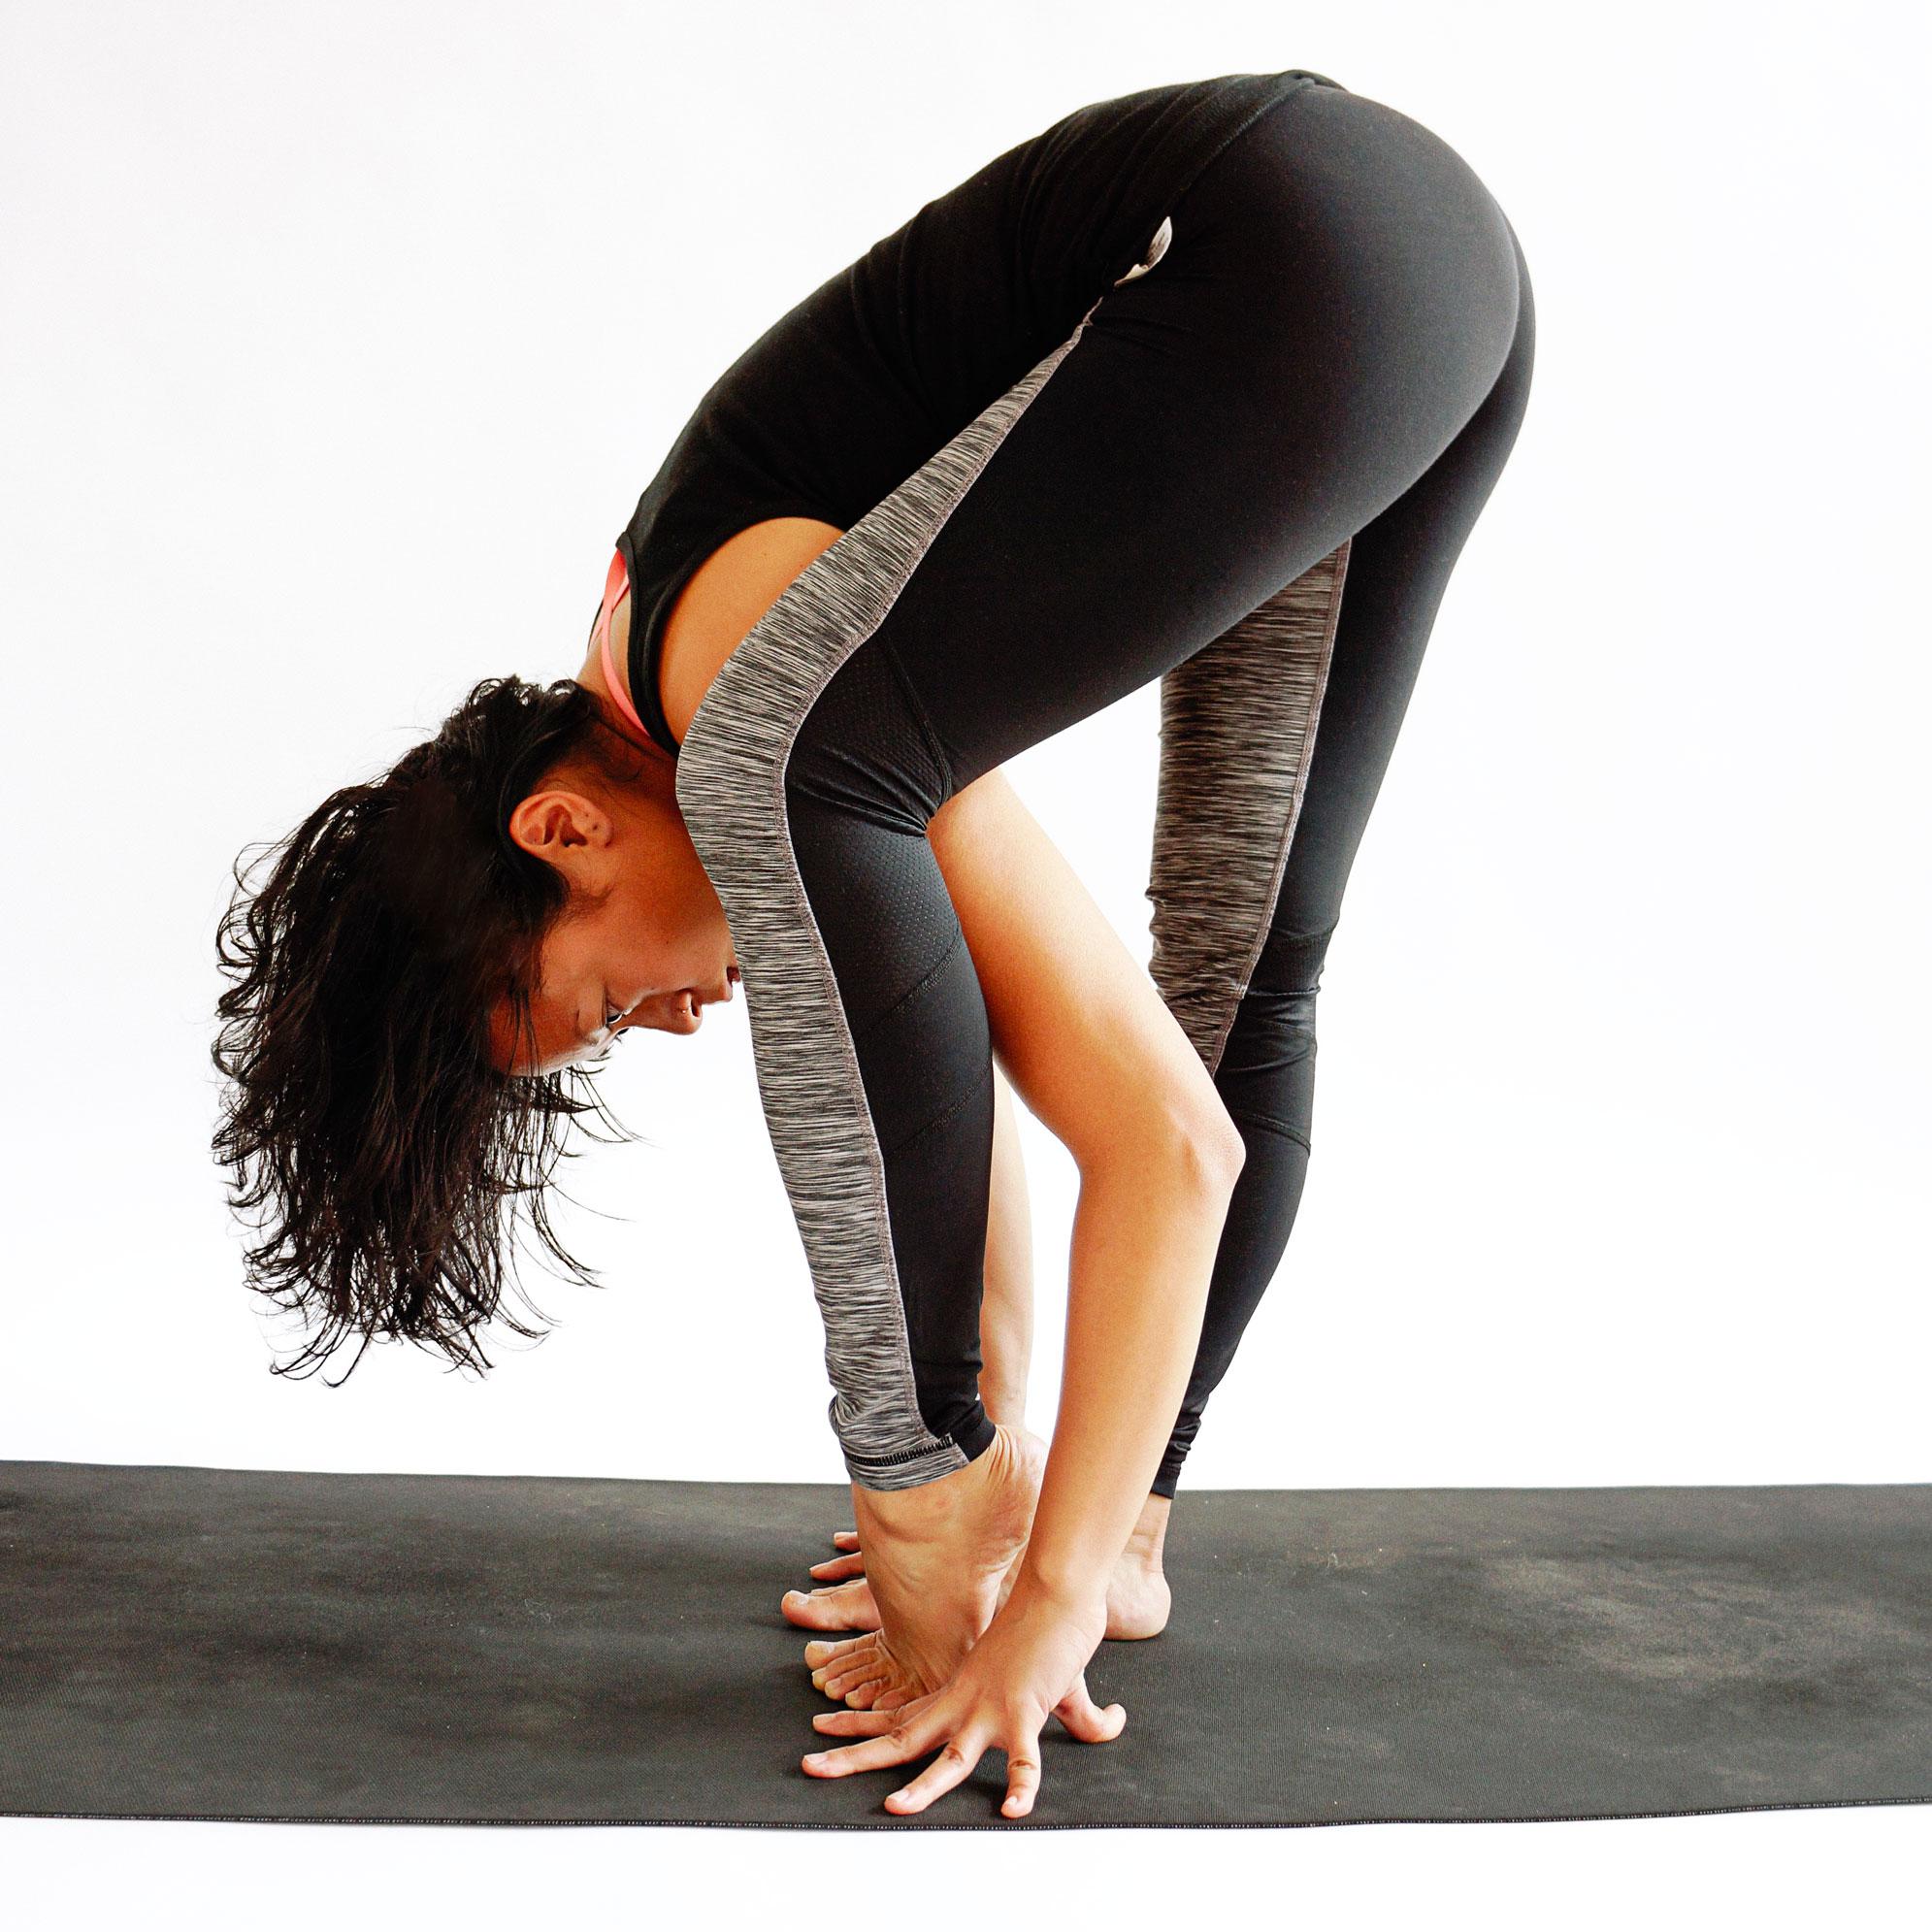 Danielle-Espiritu-Yoga-Forward-Fold.jpg